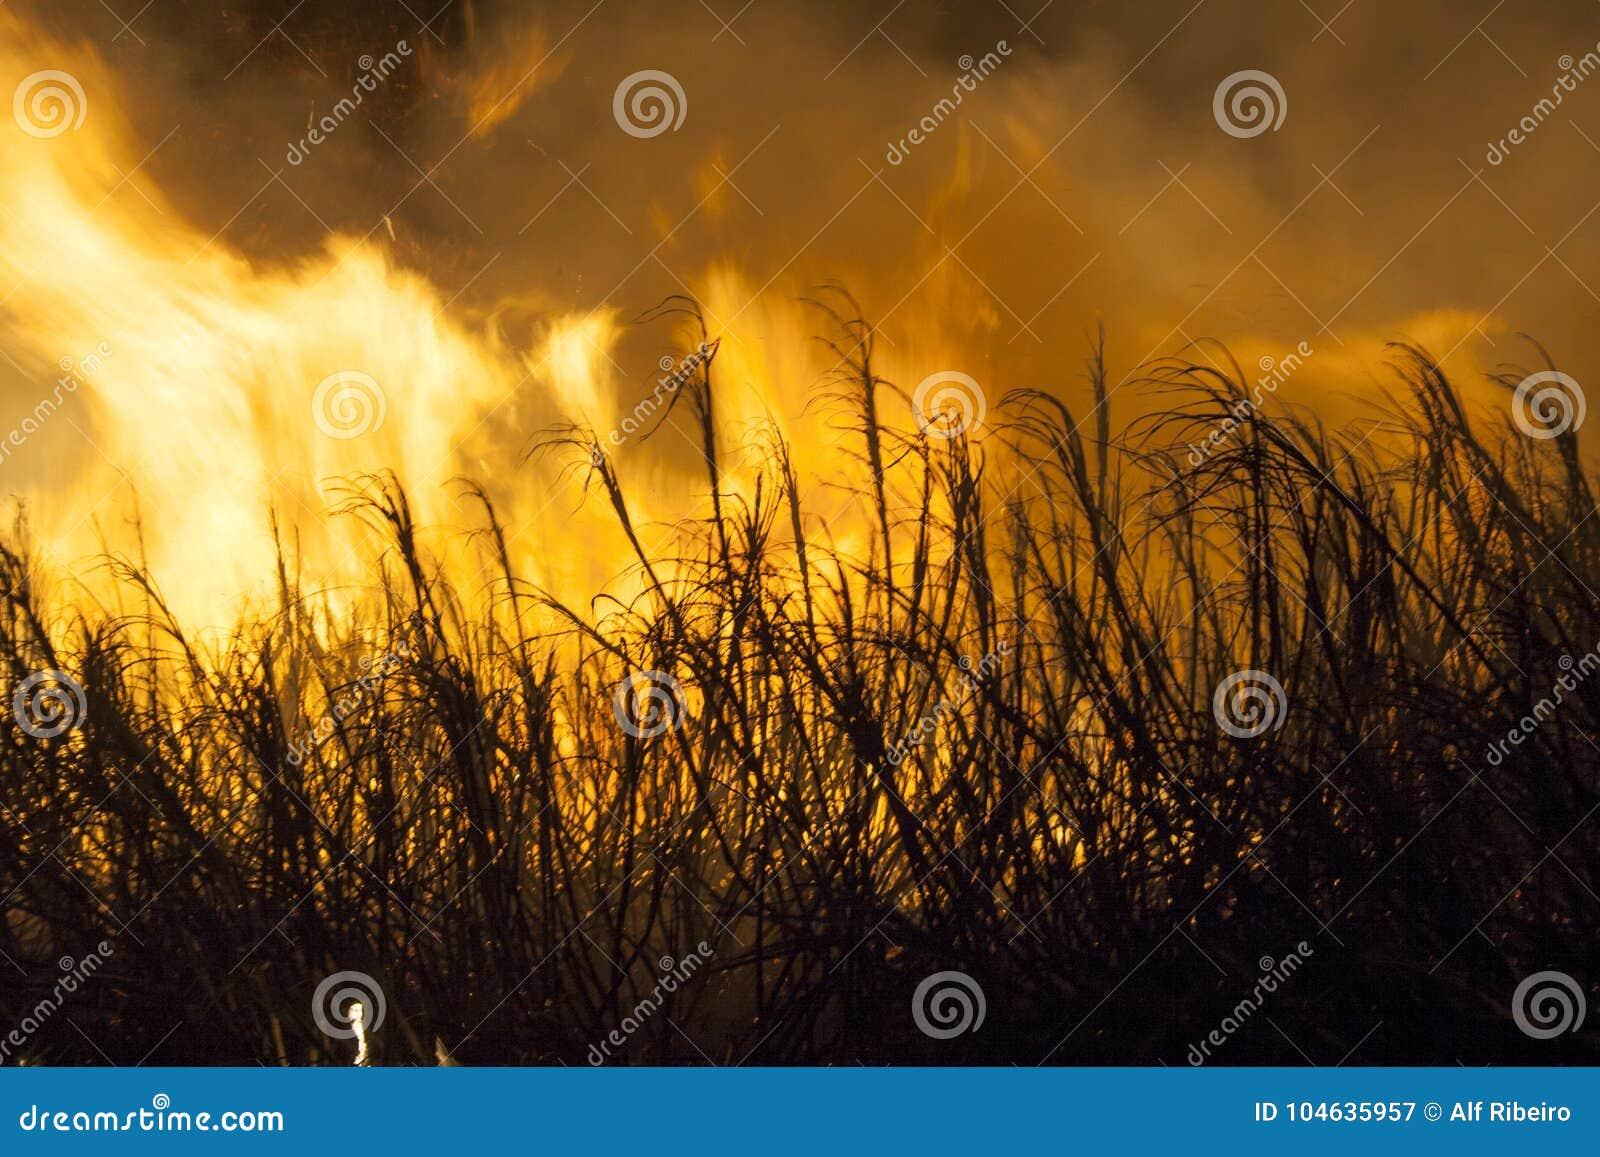 Download Suikerrietbrand stock afbeelding. Afbeelding bestaande uit trilling - 104635957